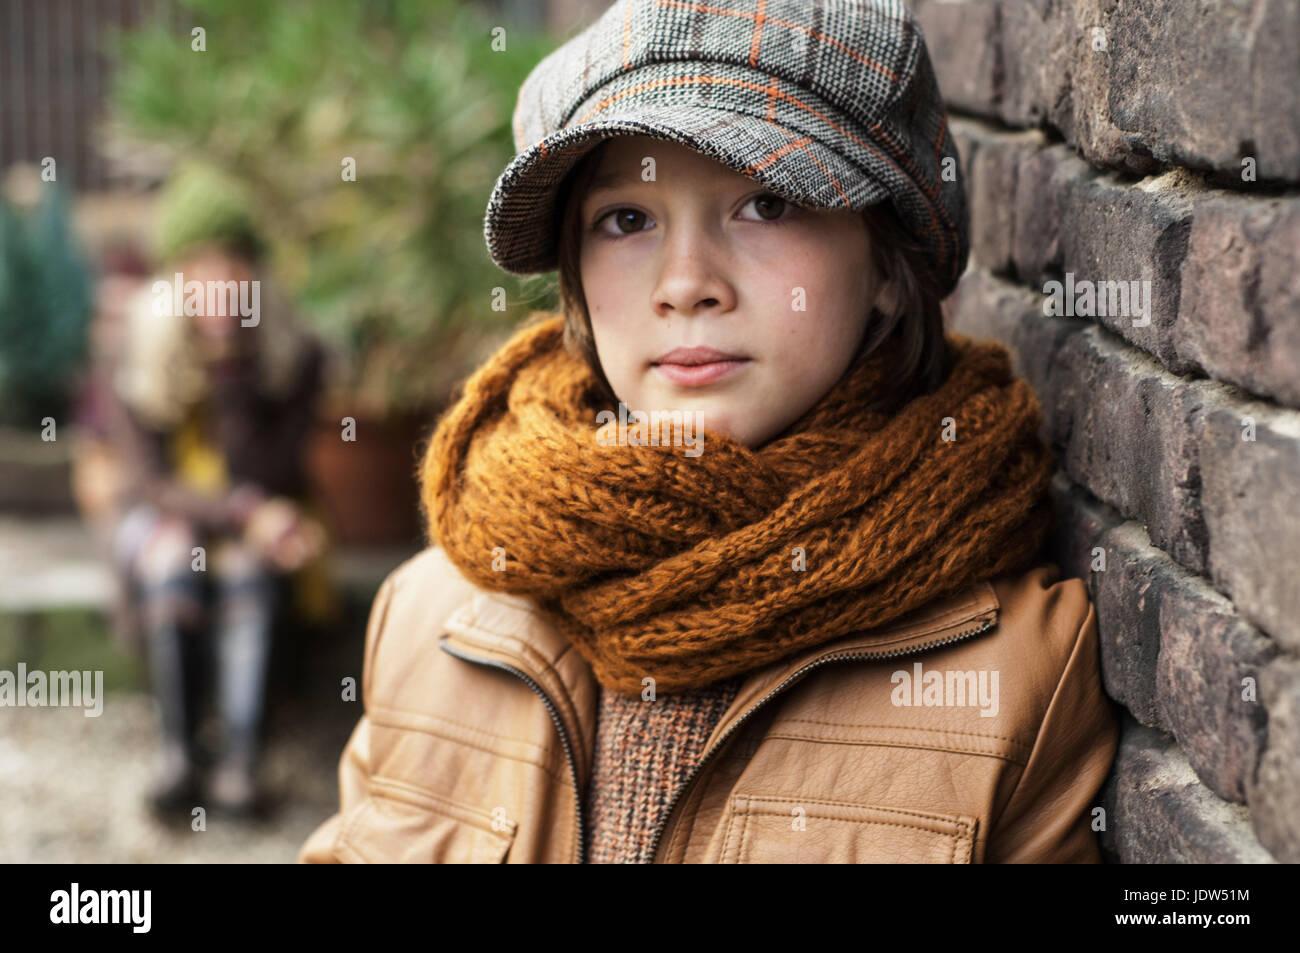 Jungen tragen flache Mütze und Schal, Porträt Stockfoto